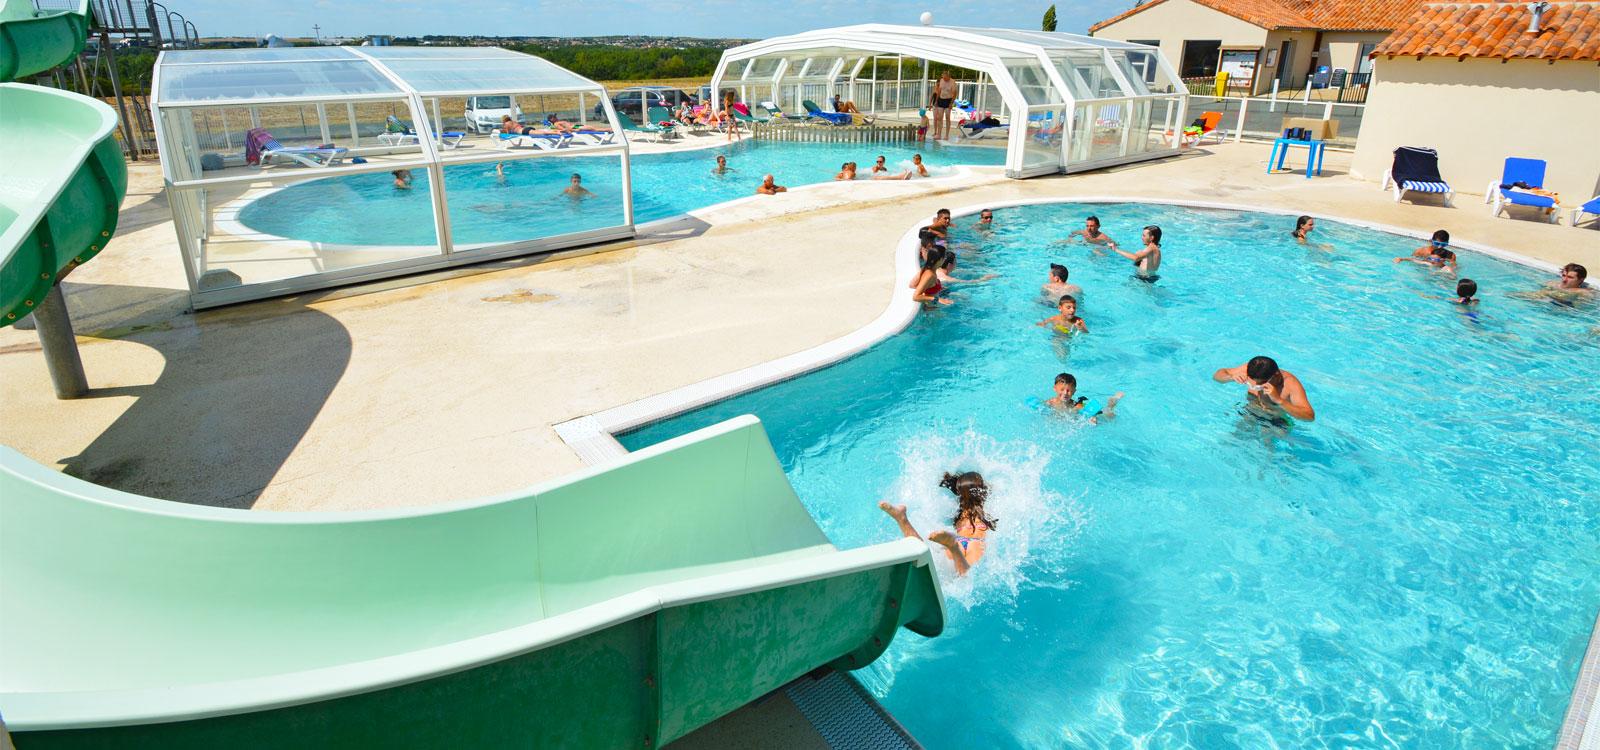 Camping ouvert toute l annee avec piscine couverte for Camping les vosges avec piscine